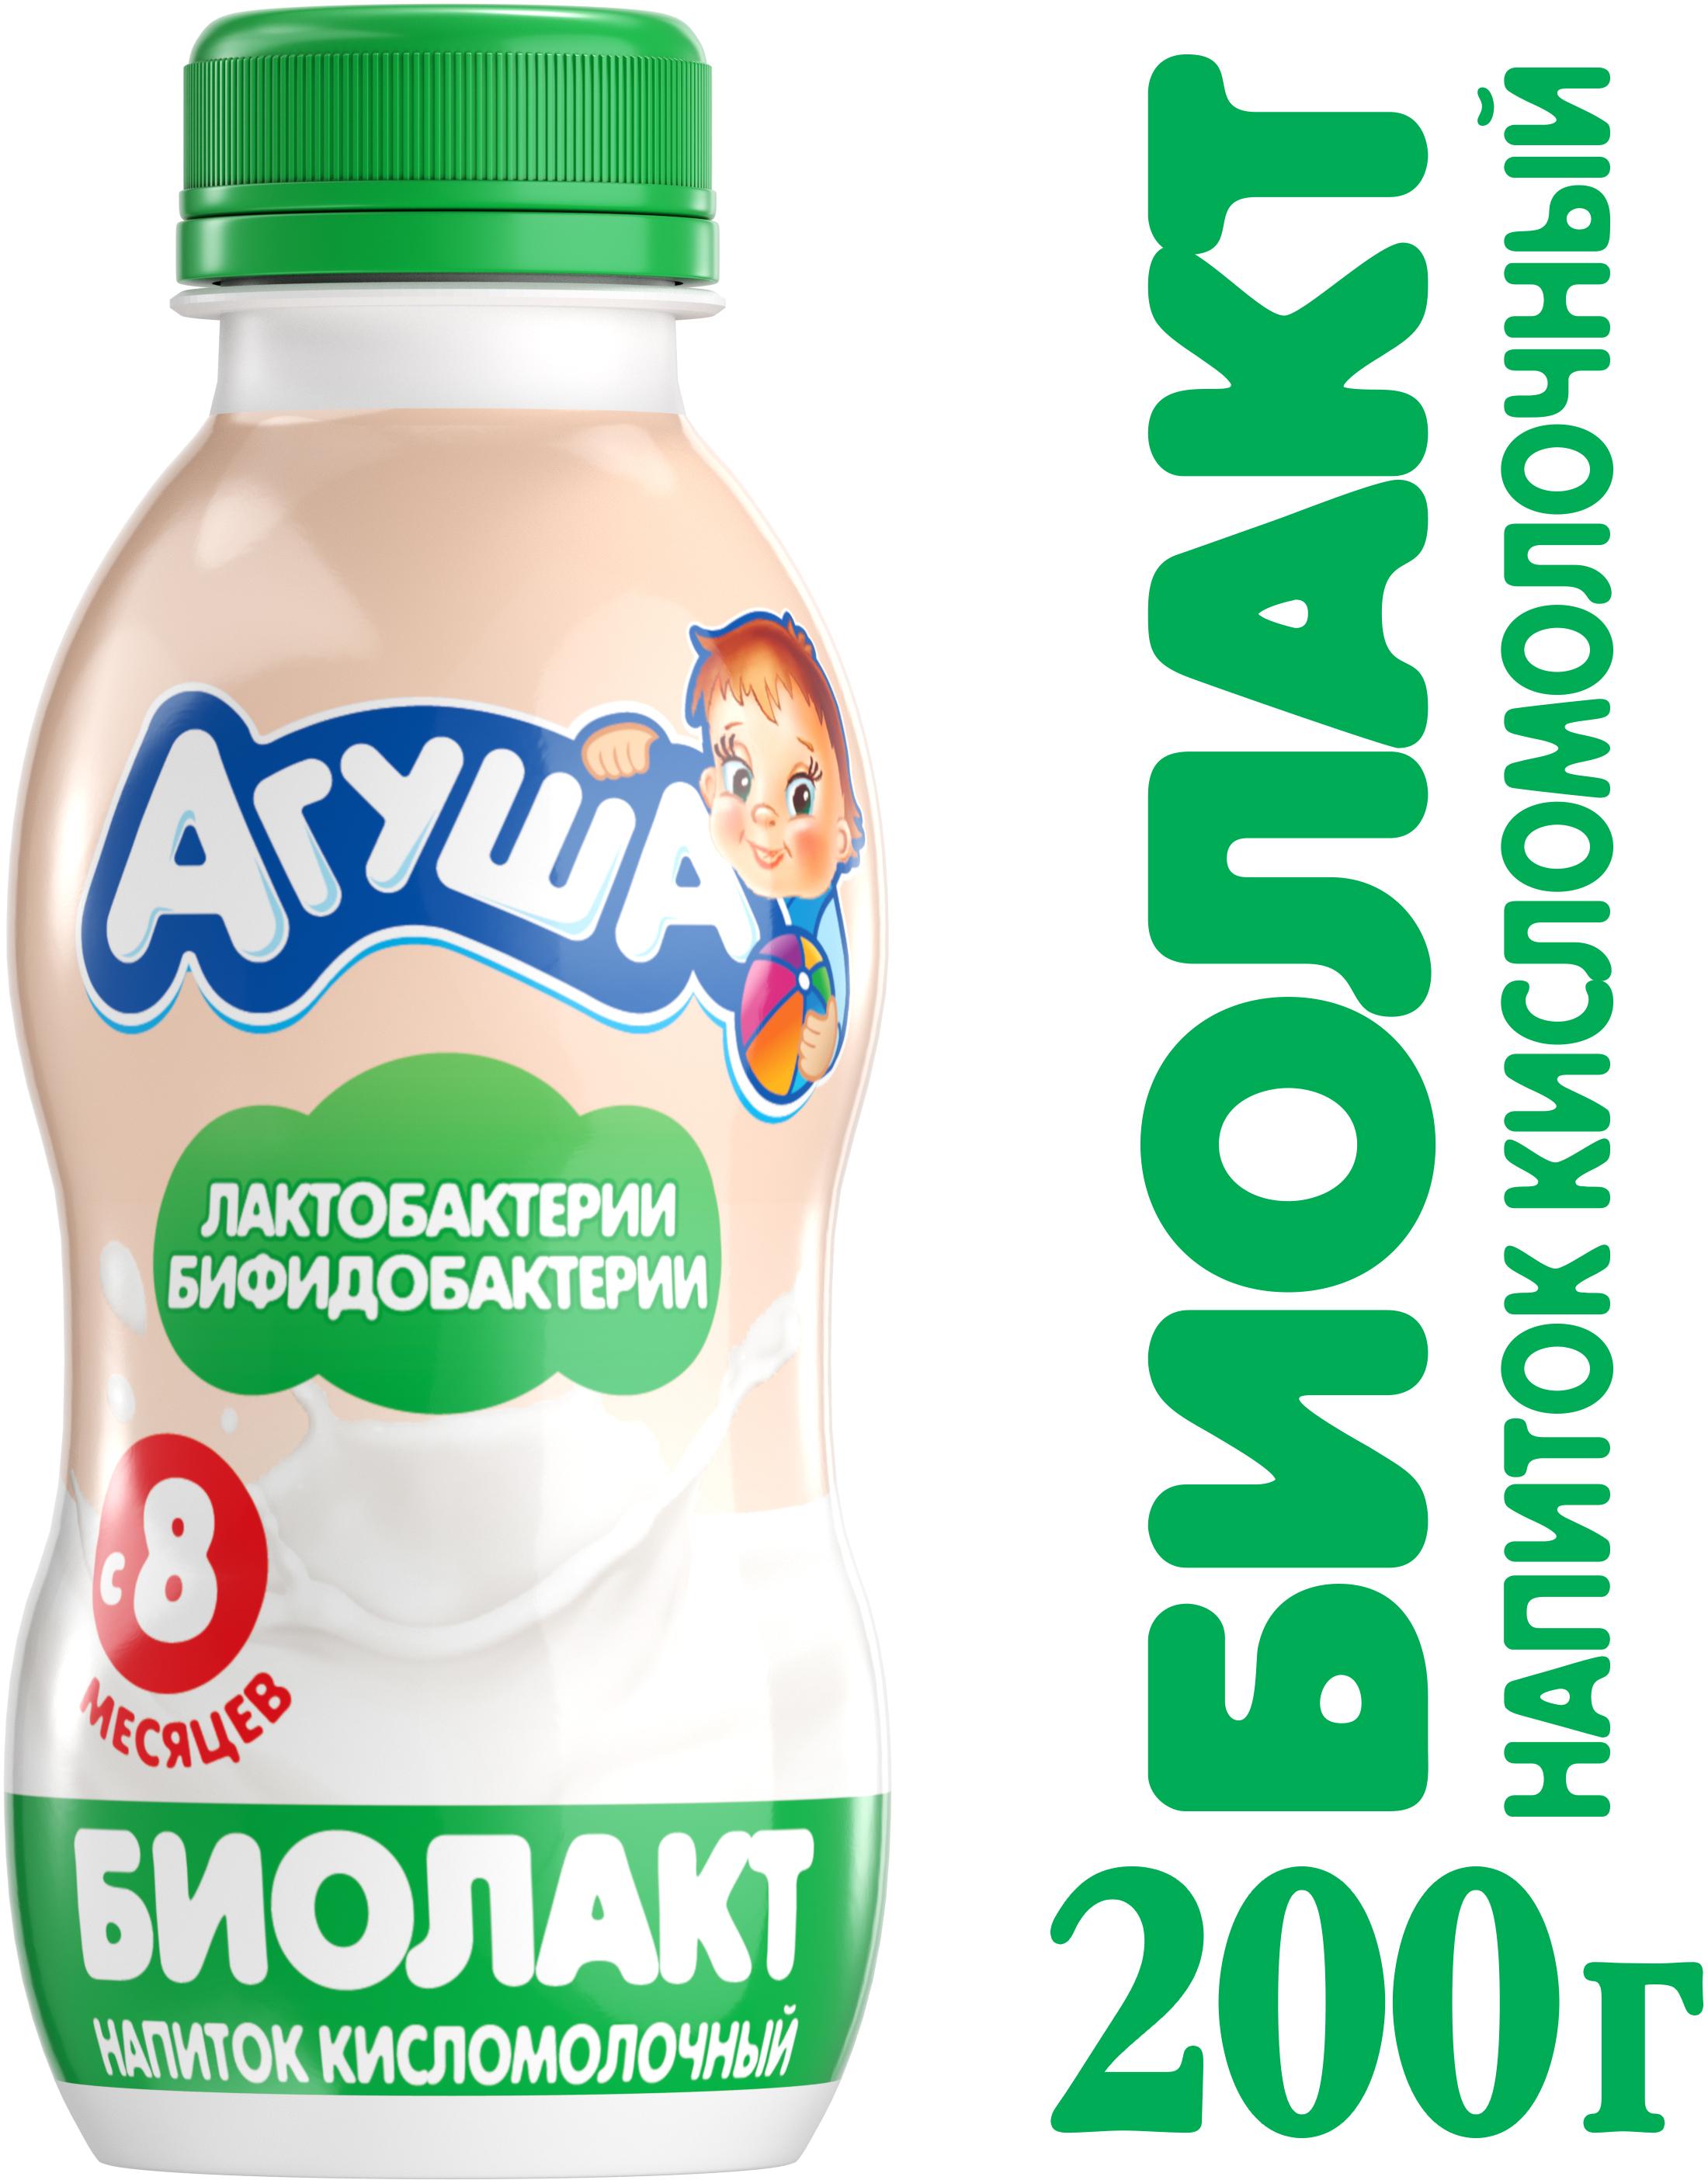 Биолакт Вимм-Билль-Данн Агуша с пробиотиком 3,2% с 8 мес. 200 г йогурт вимм билль данн агуша классический 3 1% с 8 мес 200 г